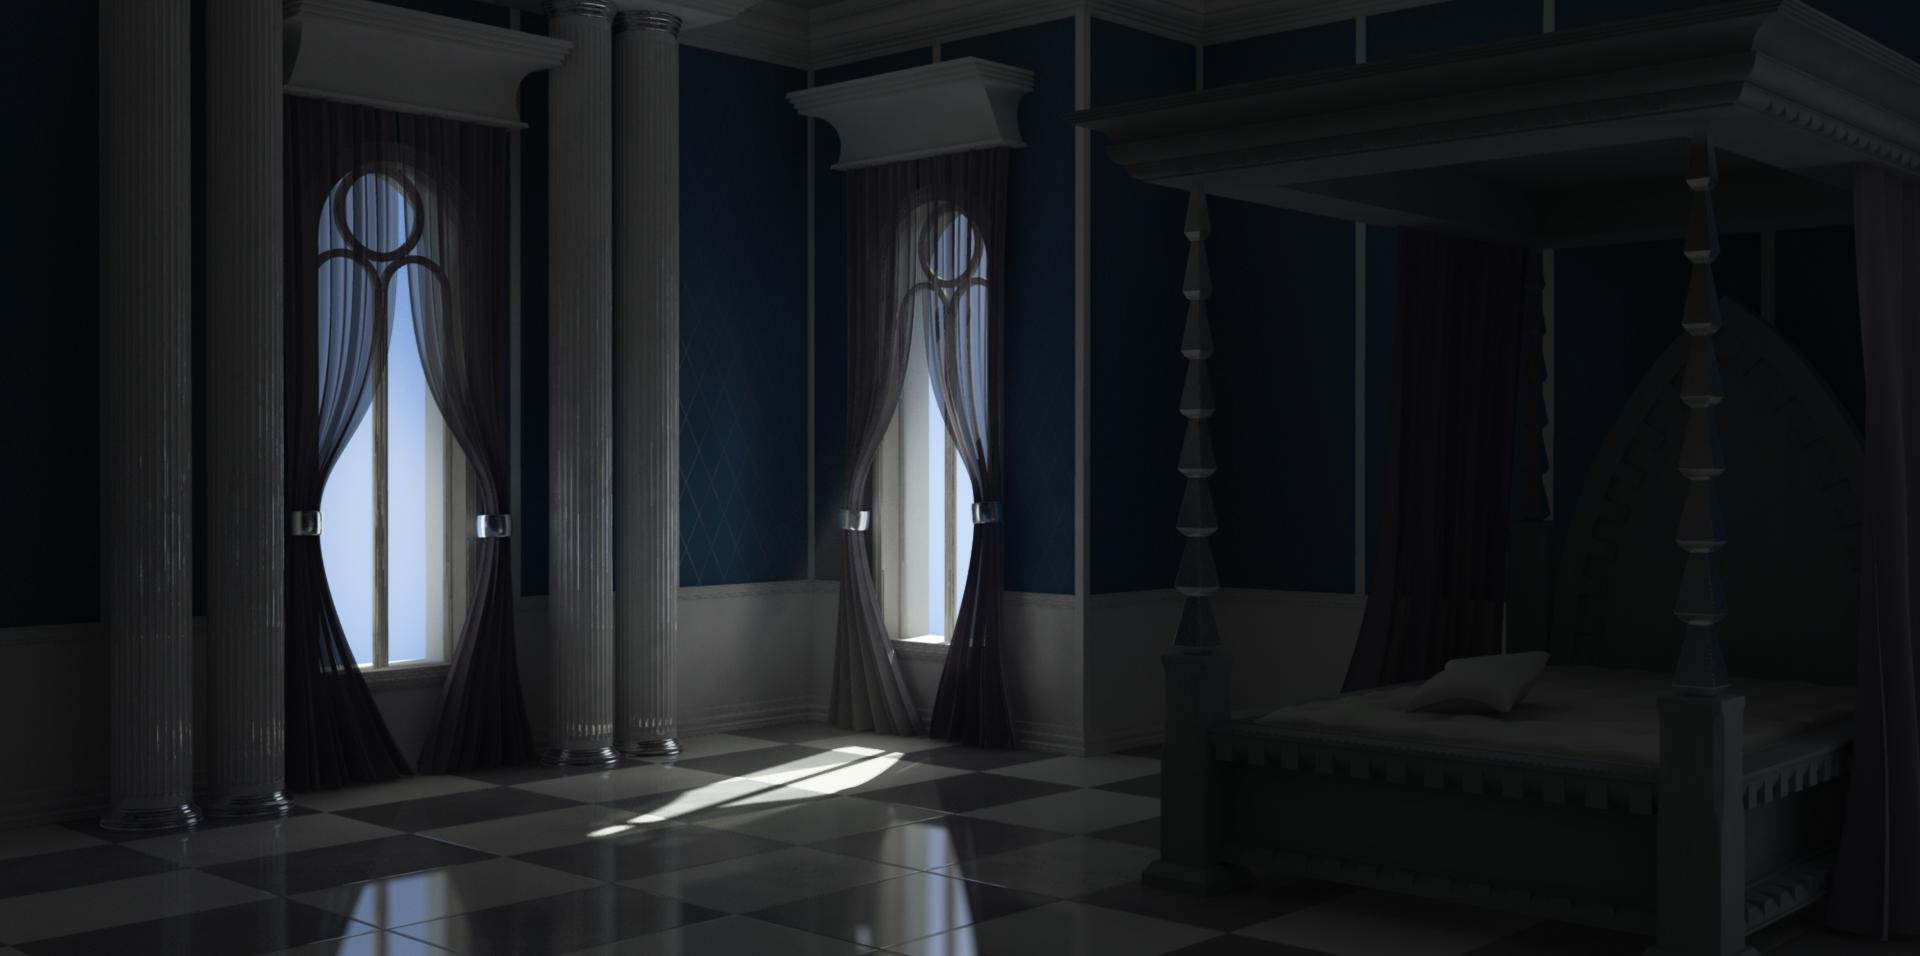 estate_room_comp_1080_001.png